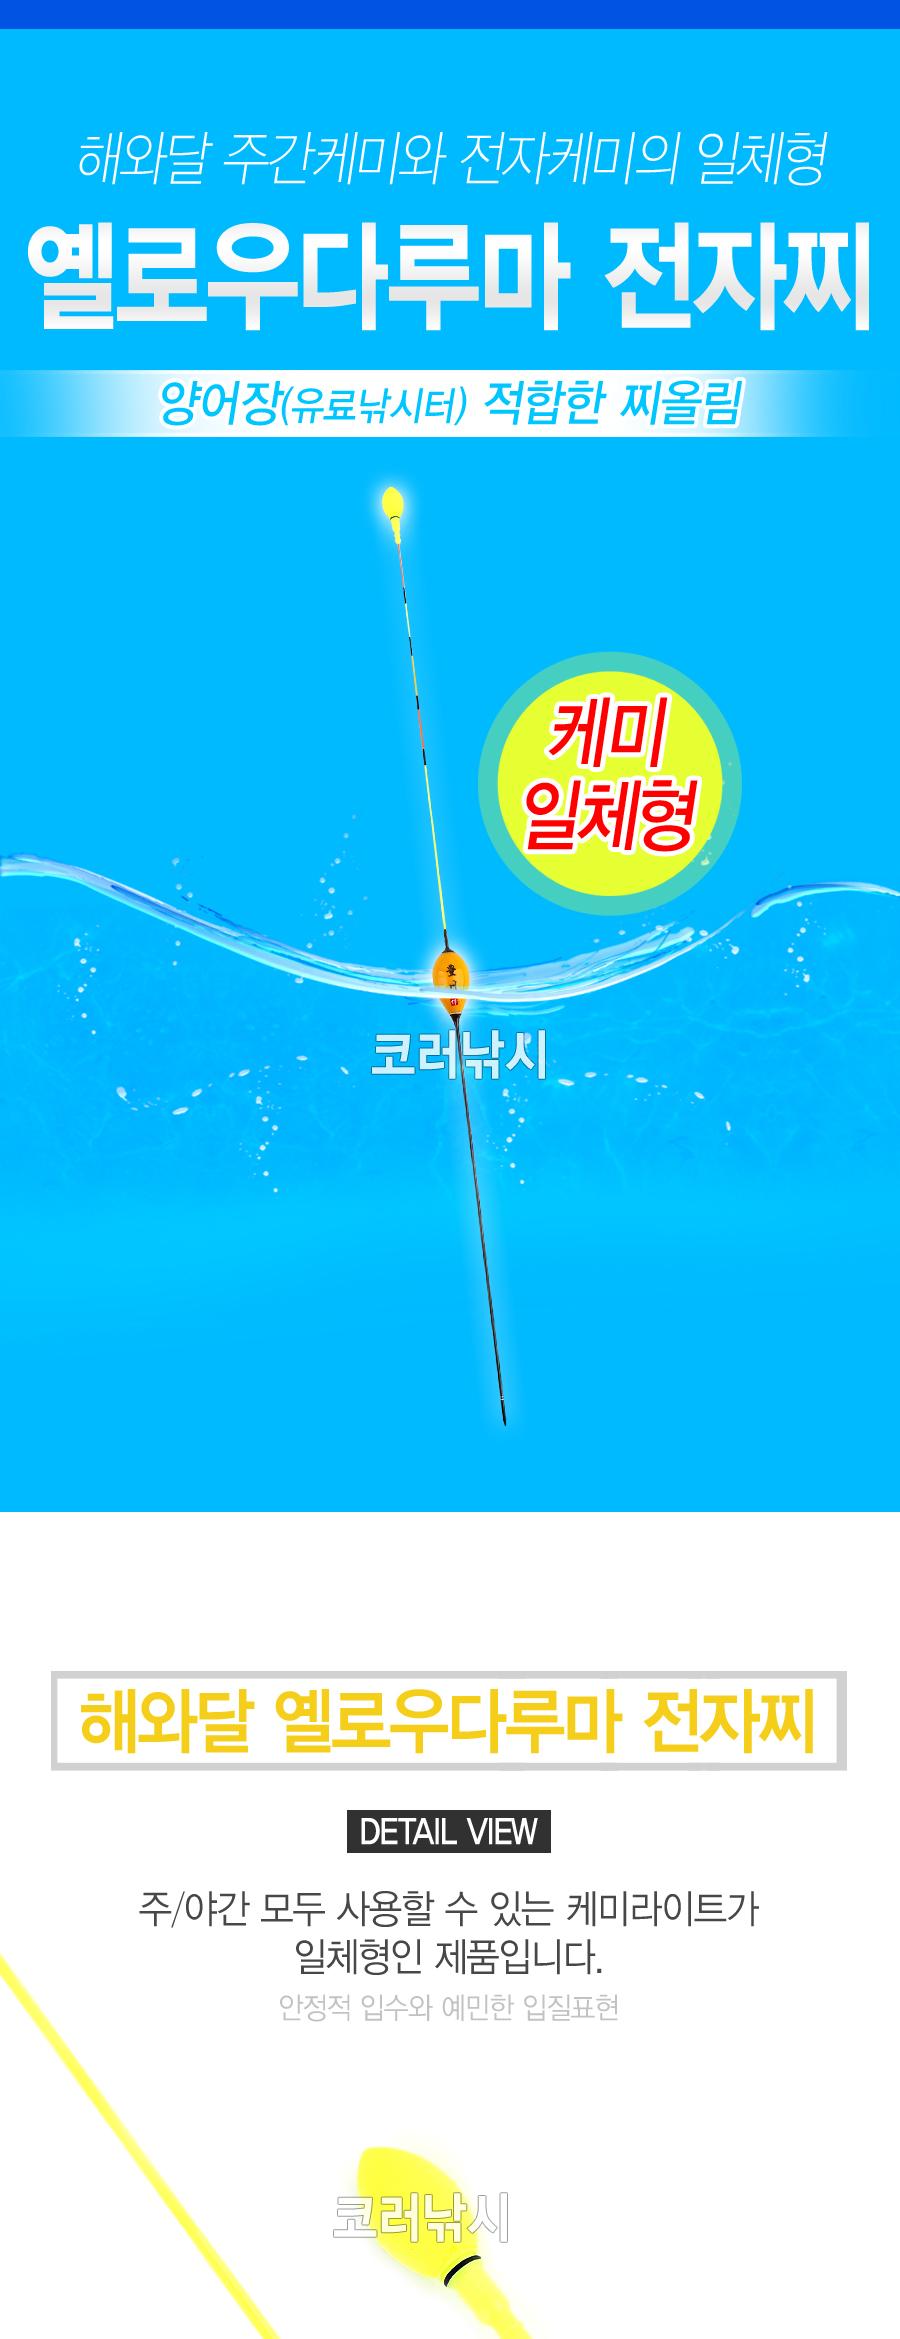 해와달 옐로우다루마 전자찌 주야간전환원터치 엠제이피싱 유이 일체형 케미